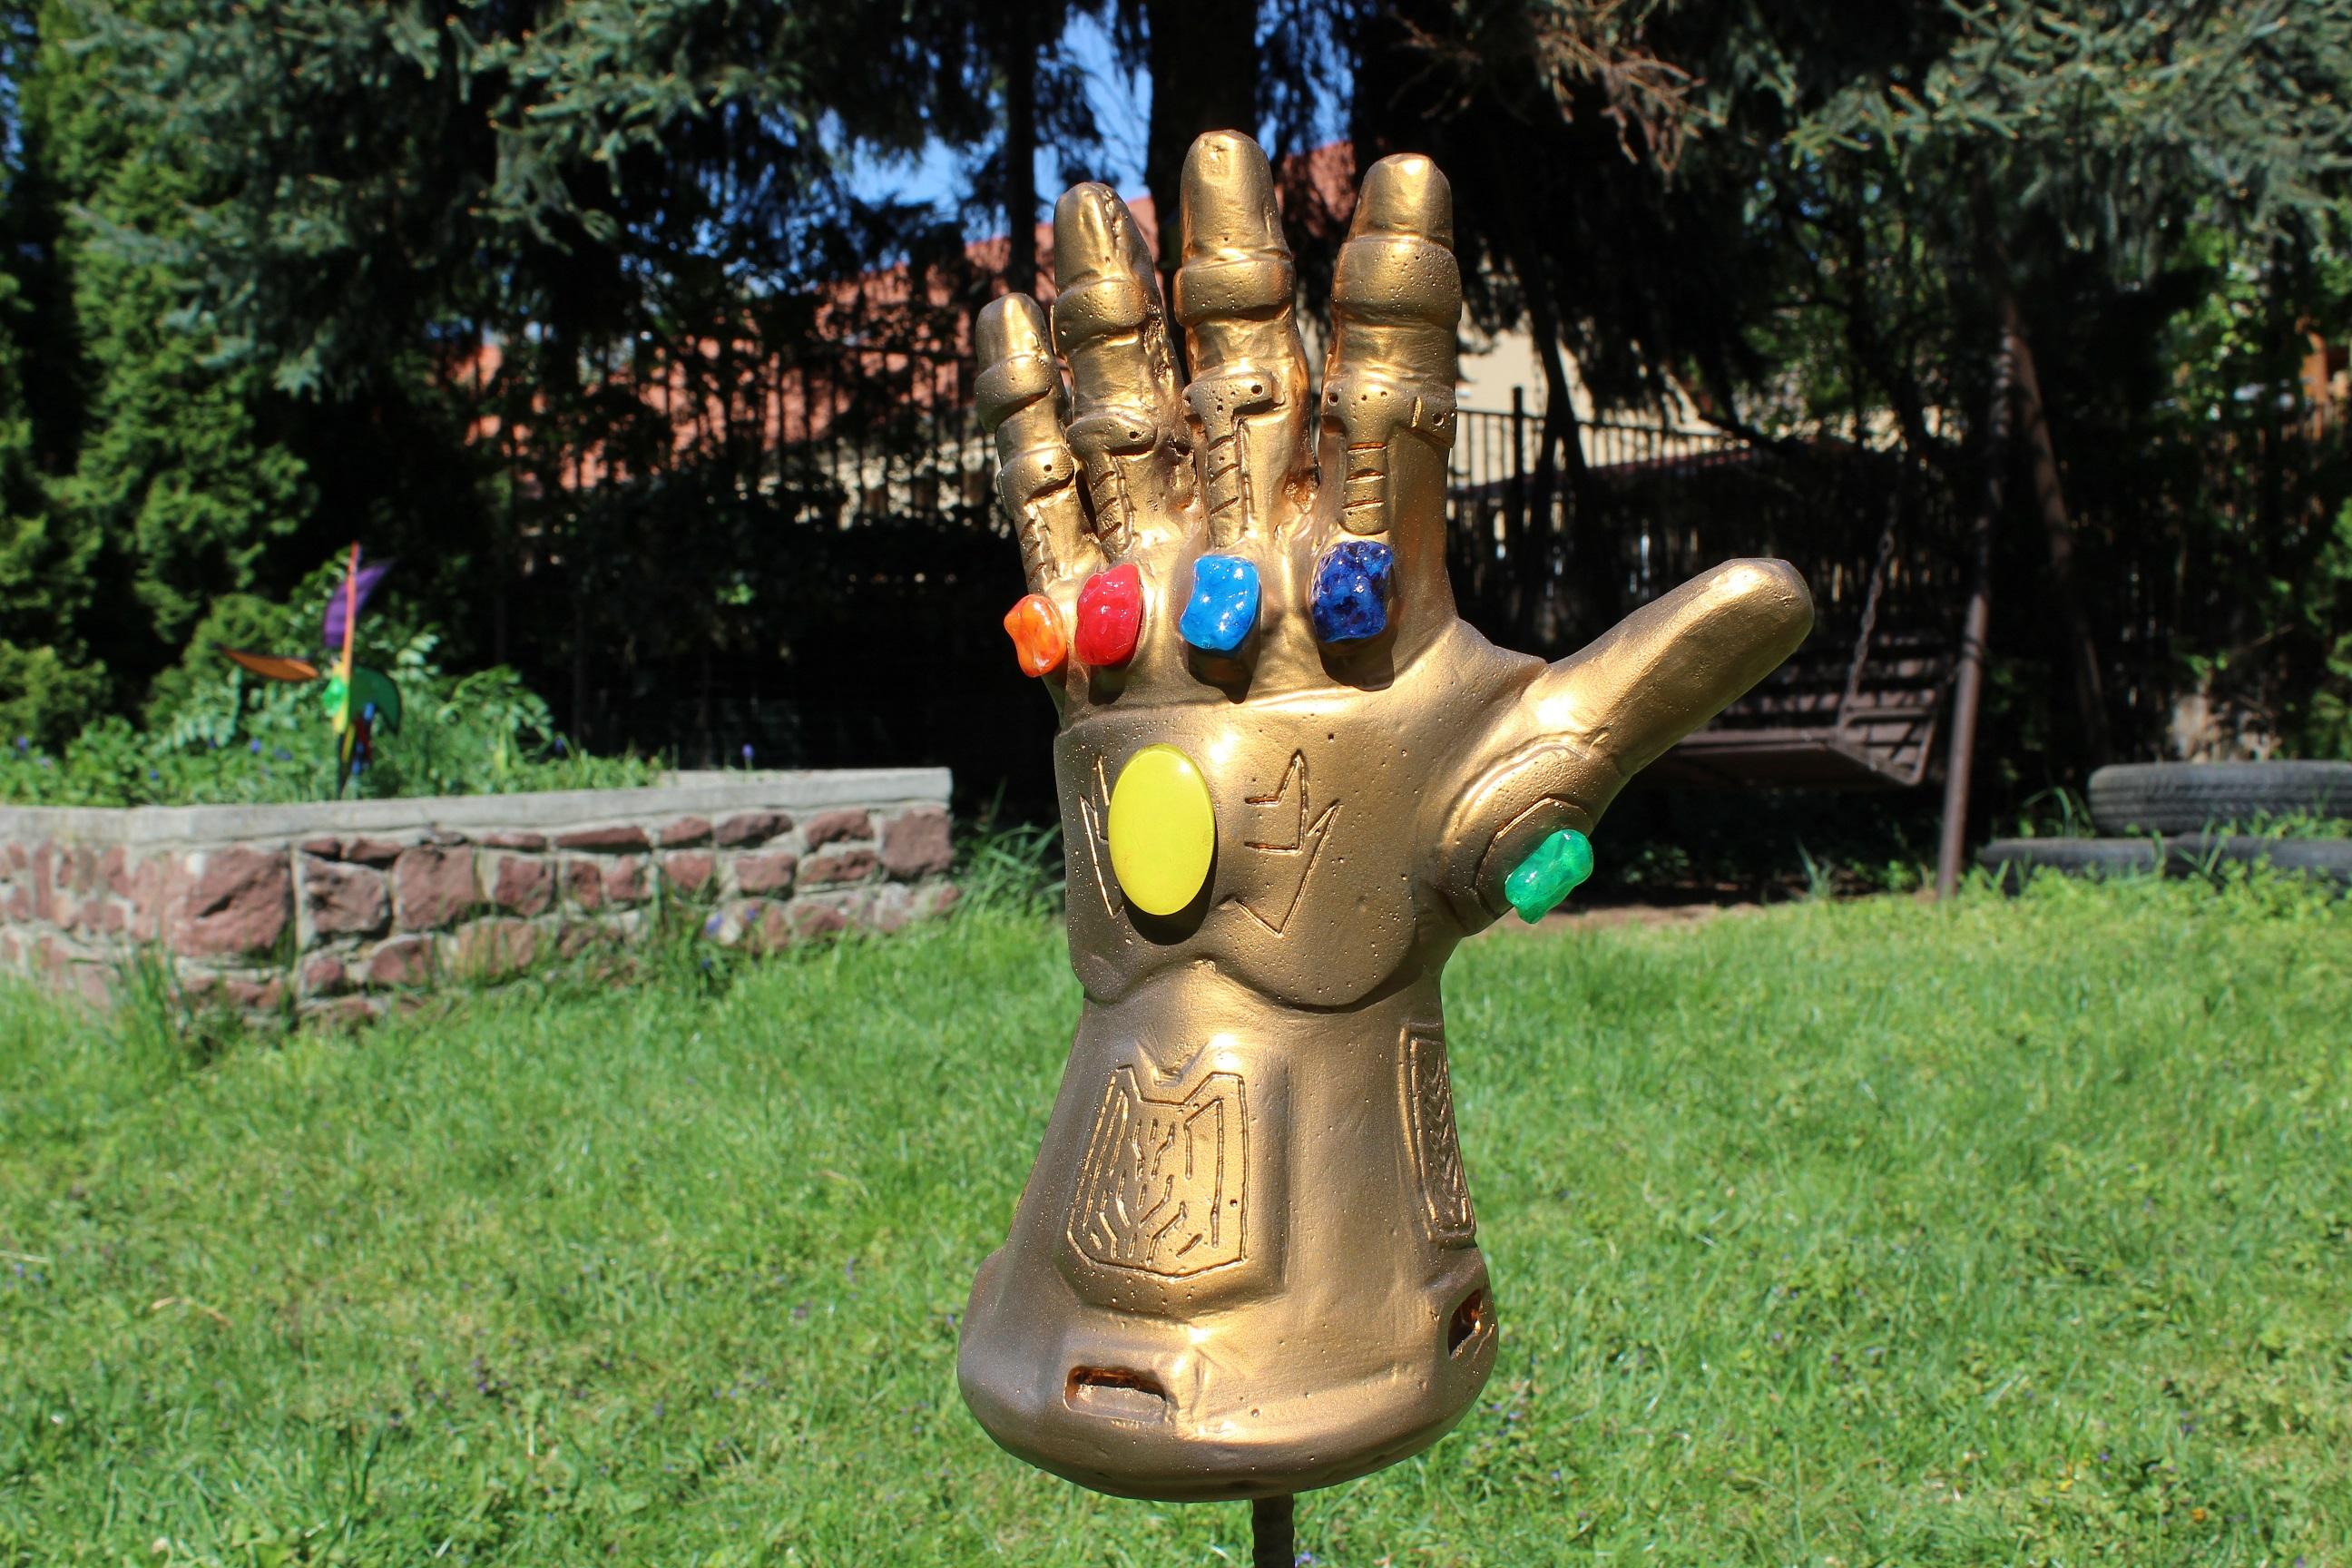 szmk_marvel_avengers_infinity_gauntlet_bosszuallok_vegtelen_kesztyu_csinald_magad_thanos_1.JPG